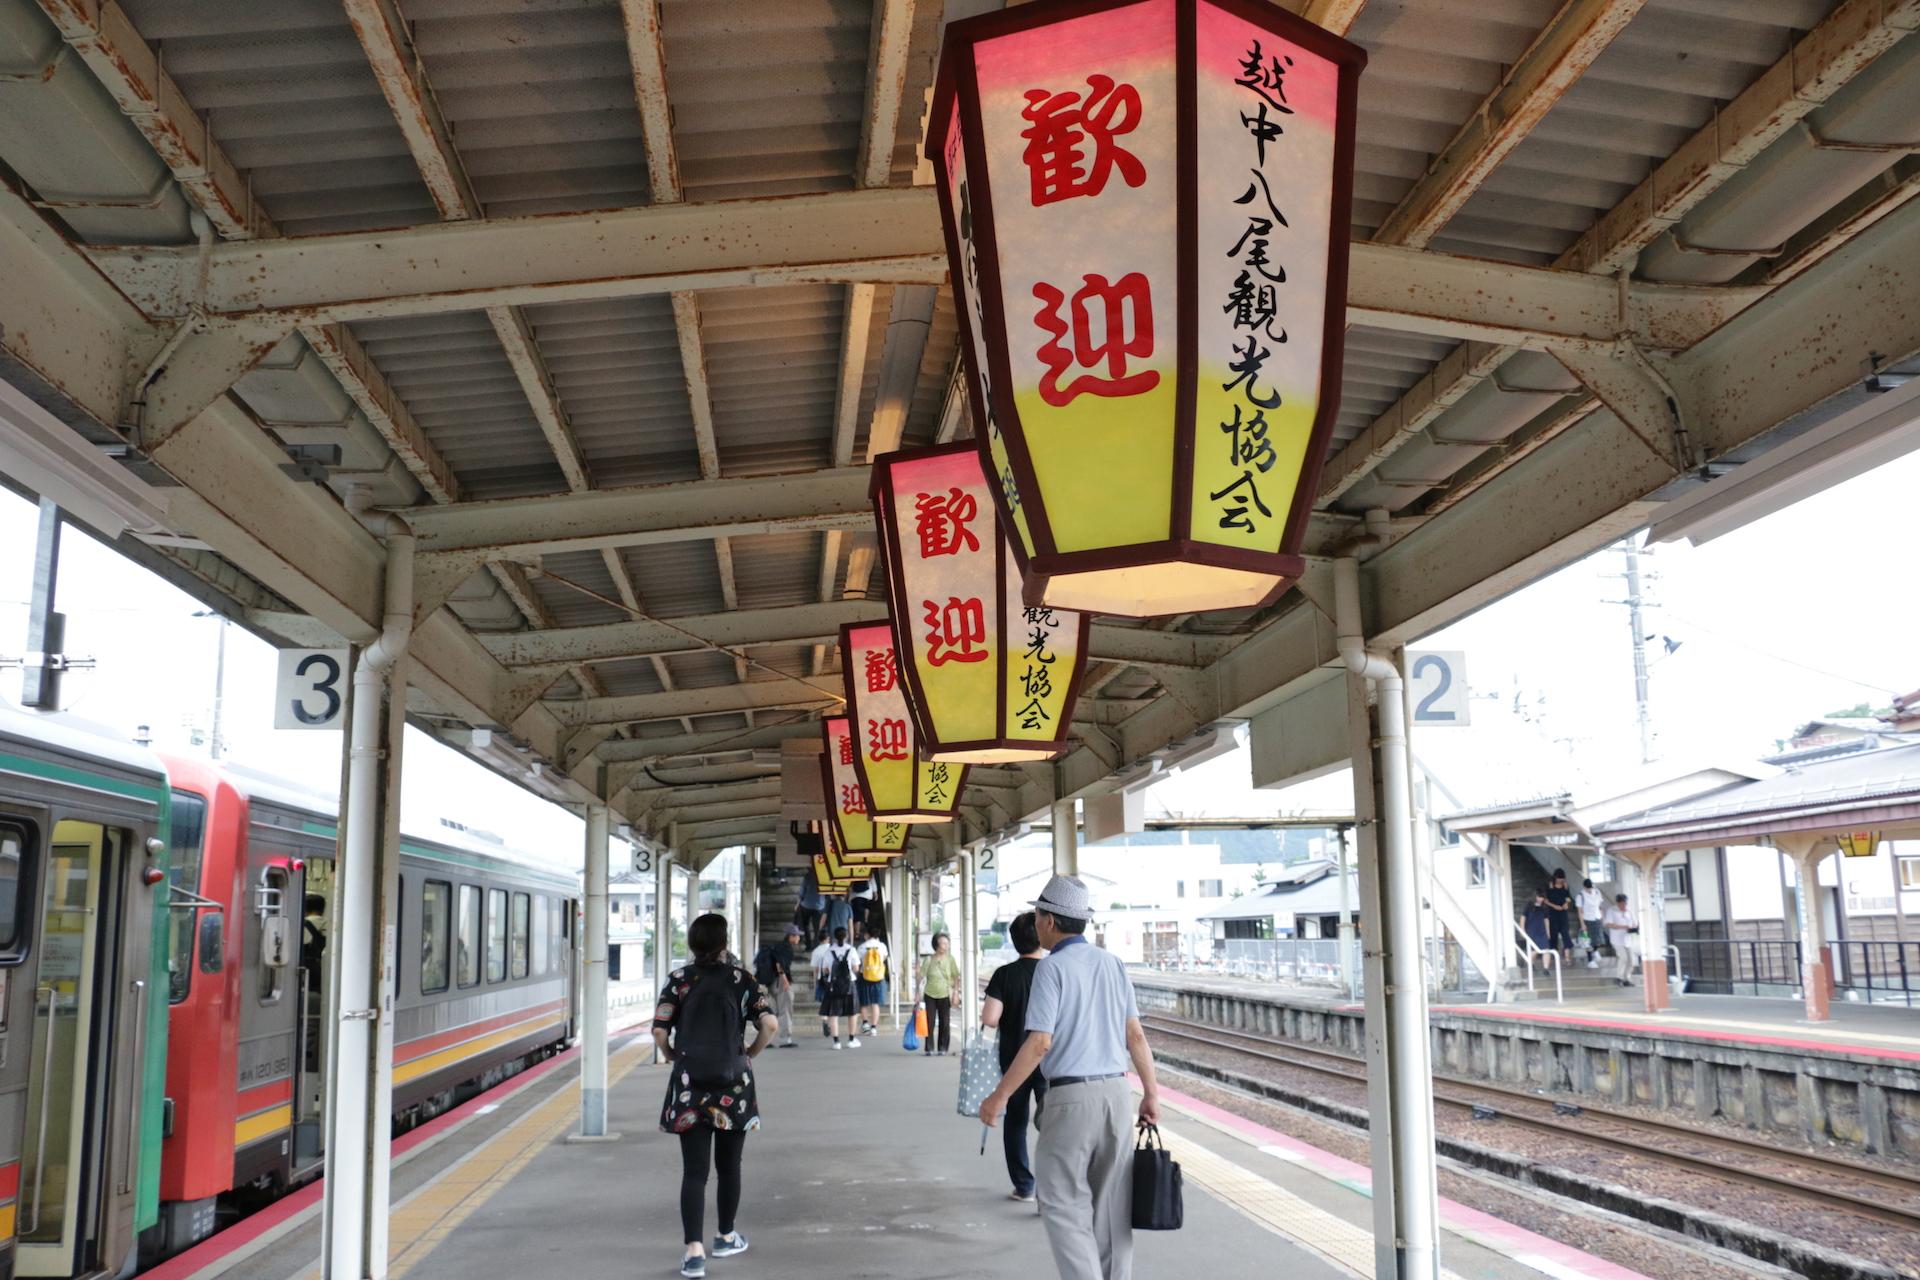 風の盆を終えた翌朝の風物詩、始発電車の見送り舞台となる越中八尾駅